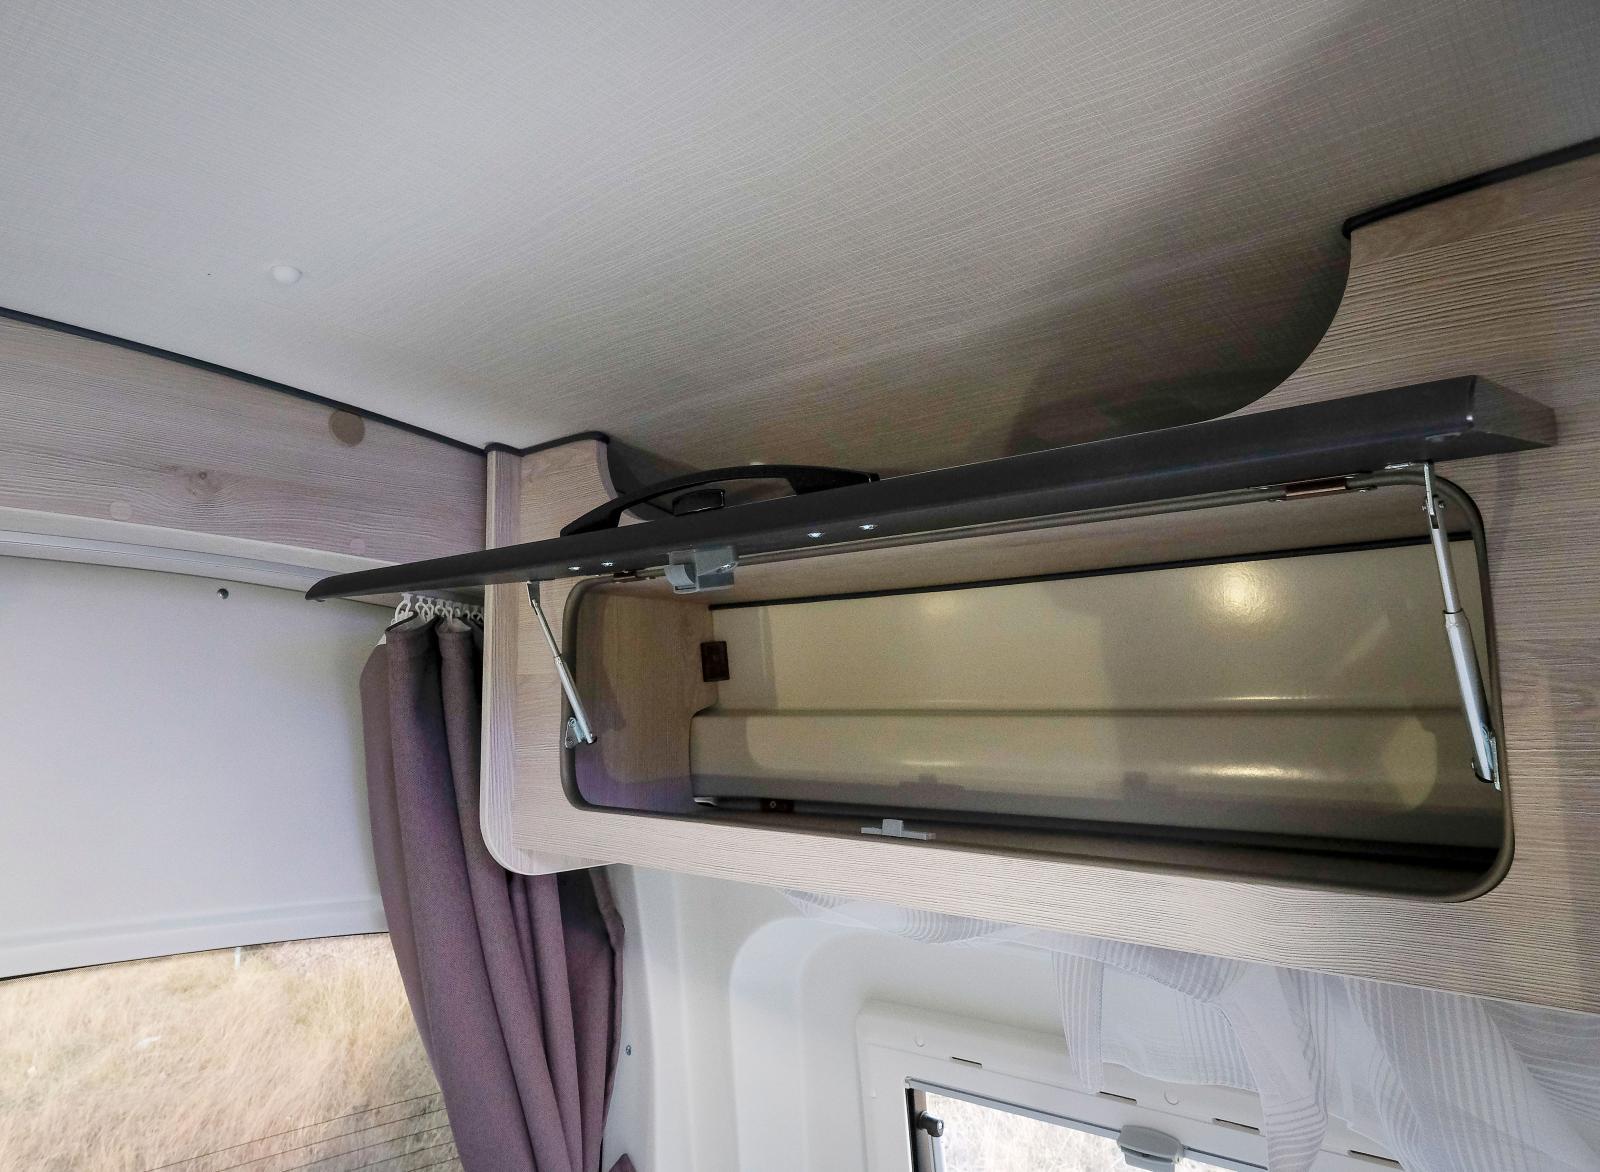 I sovrummet finns öveskåp på båda sidor och även en garderob.